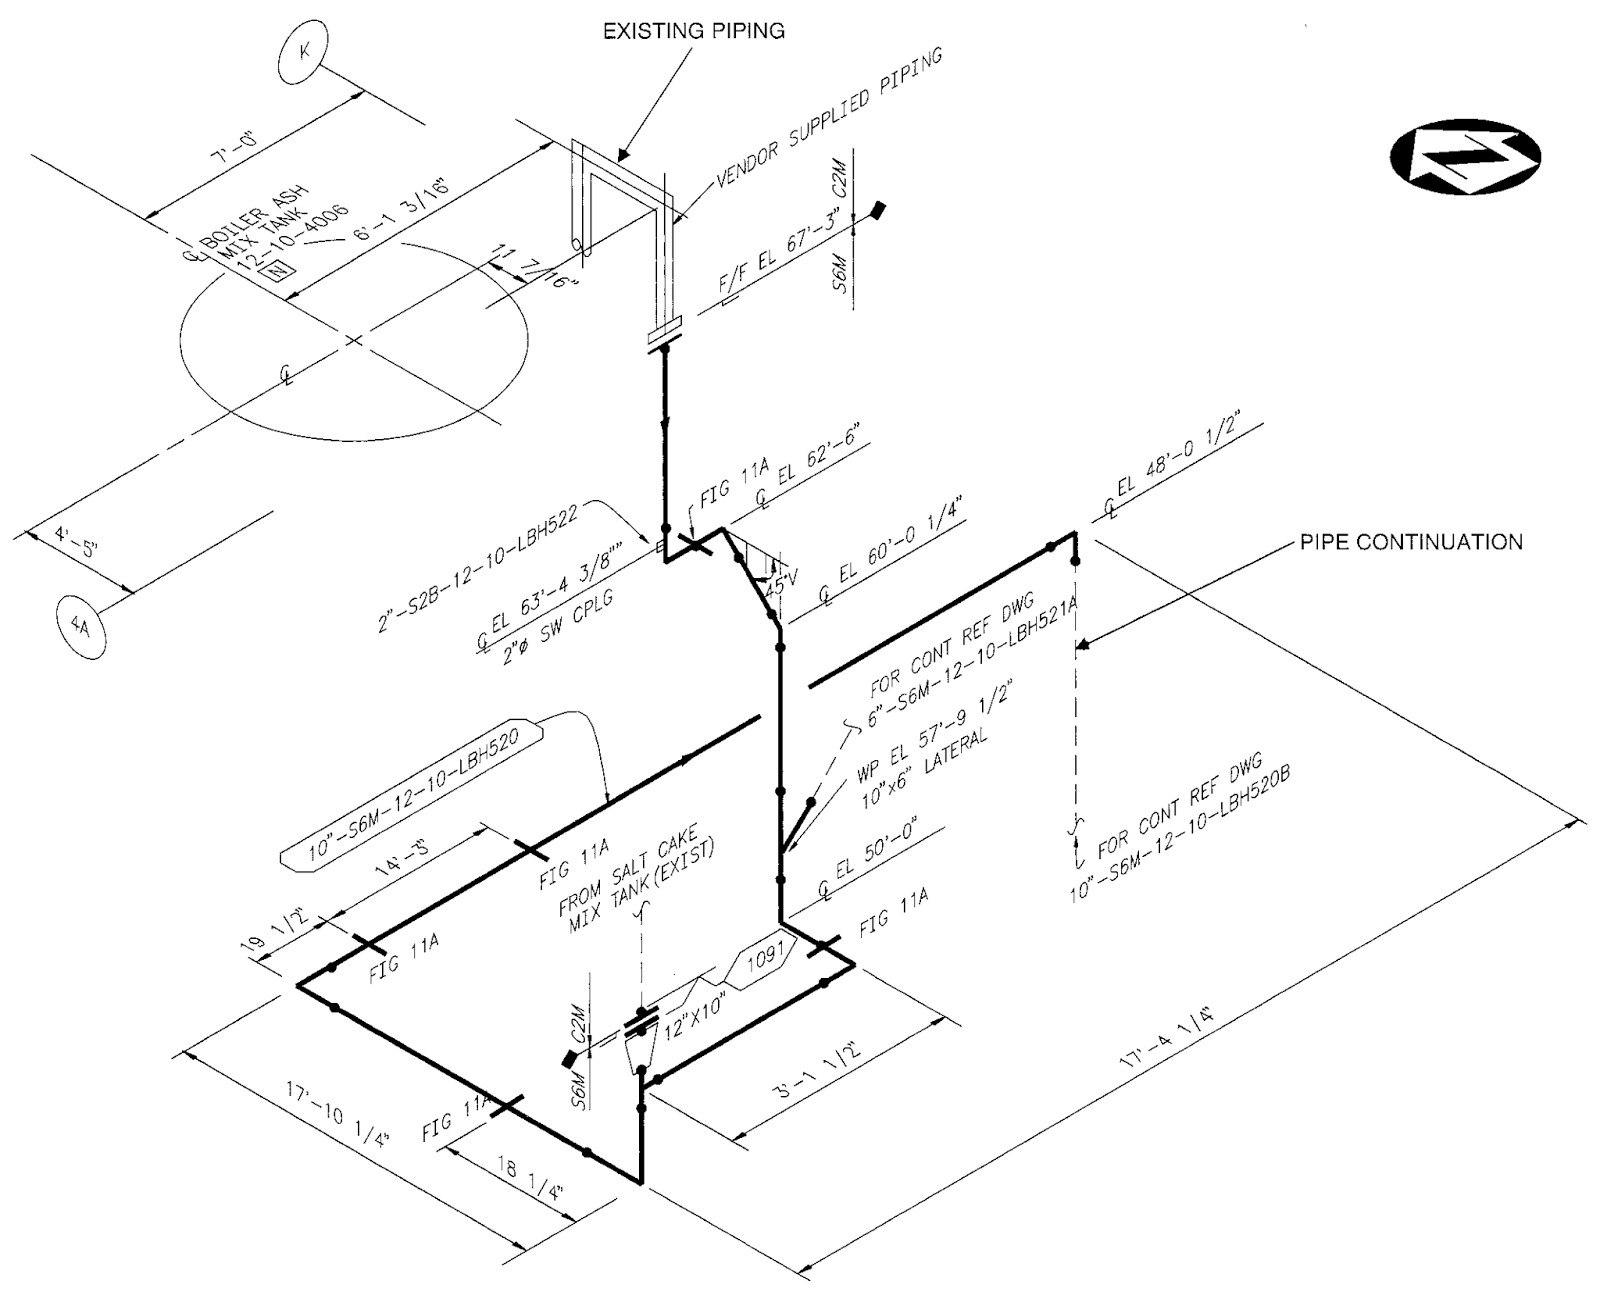 Piping Riser Diagram